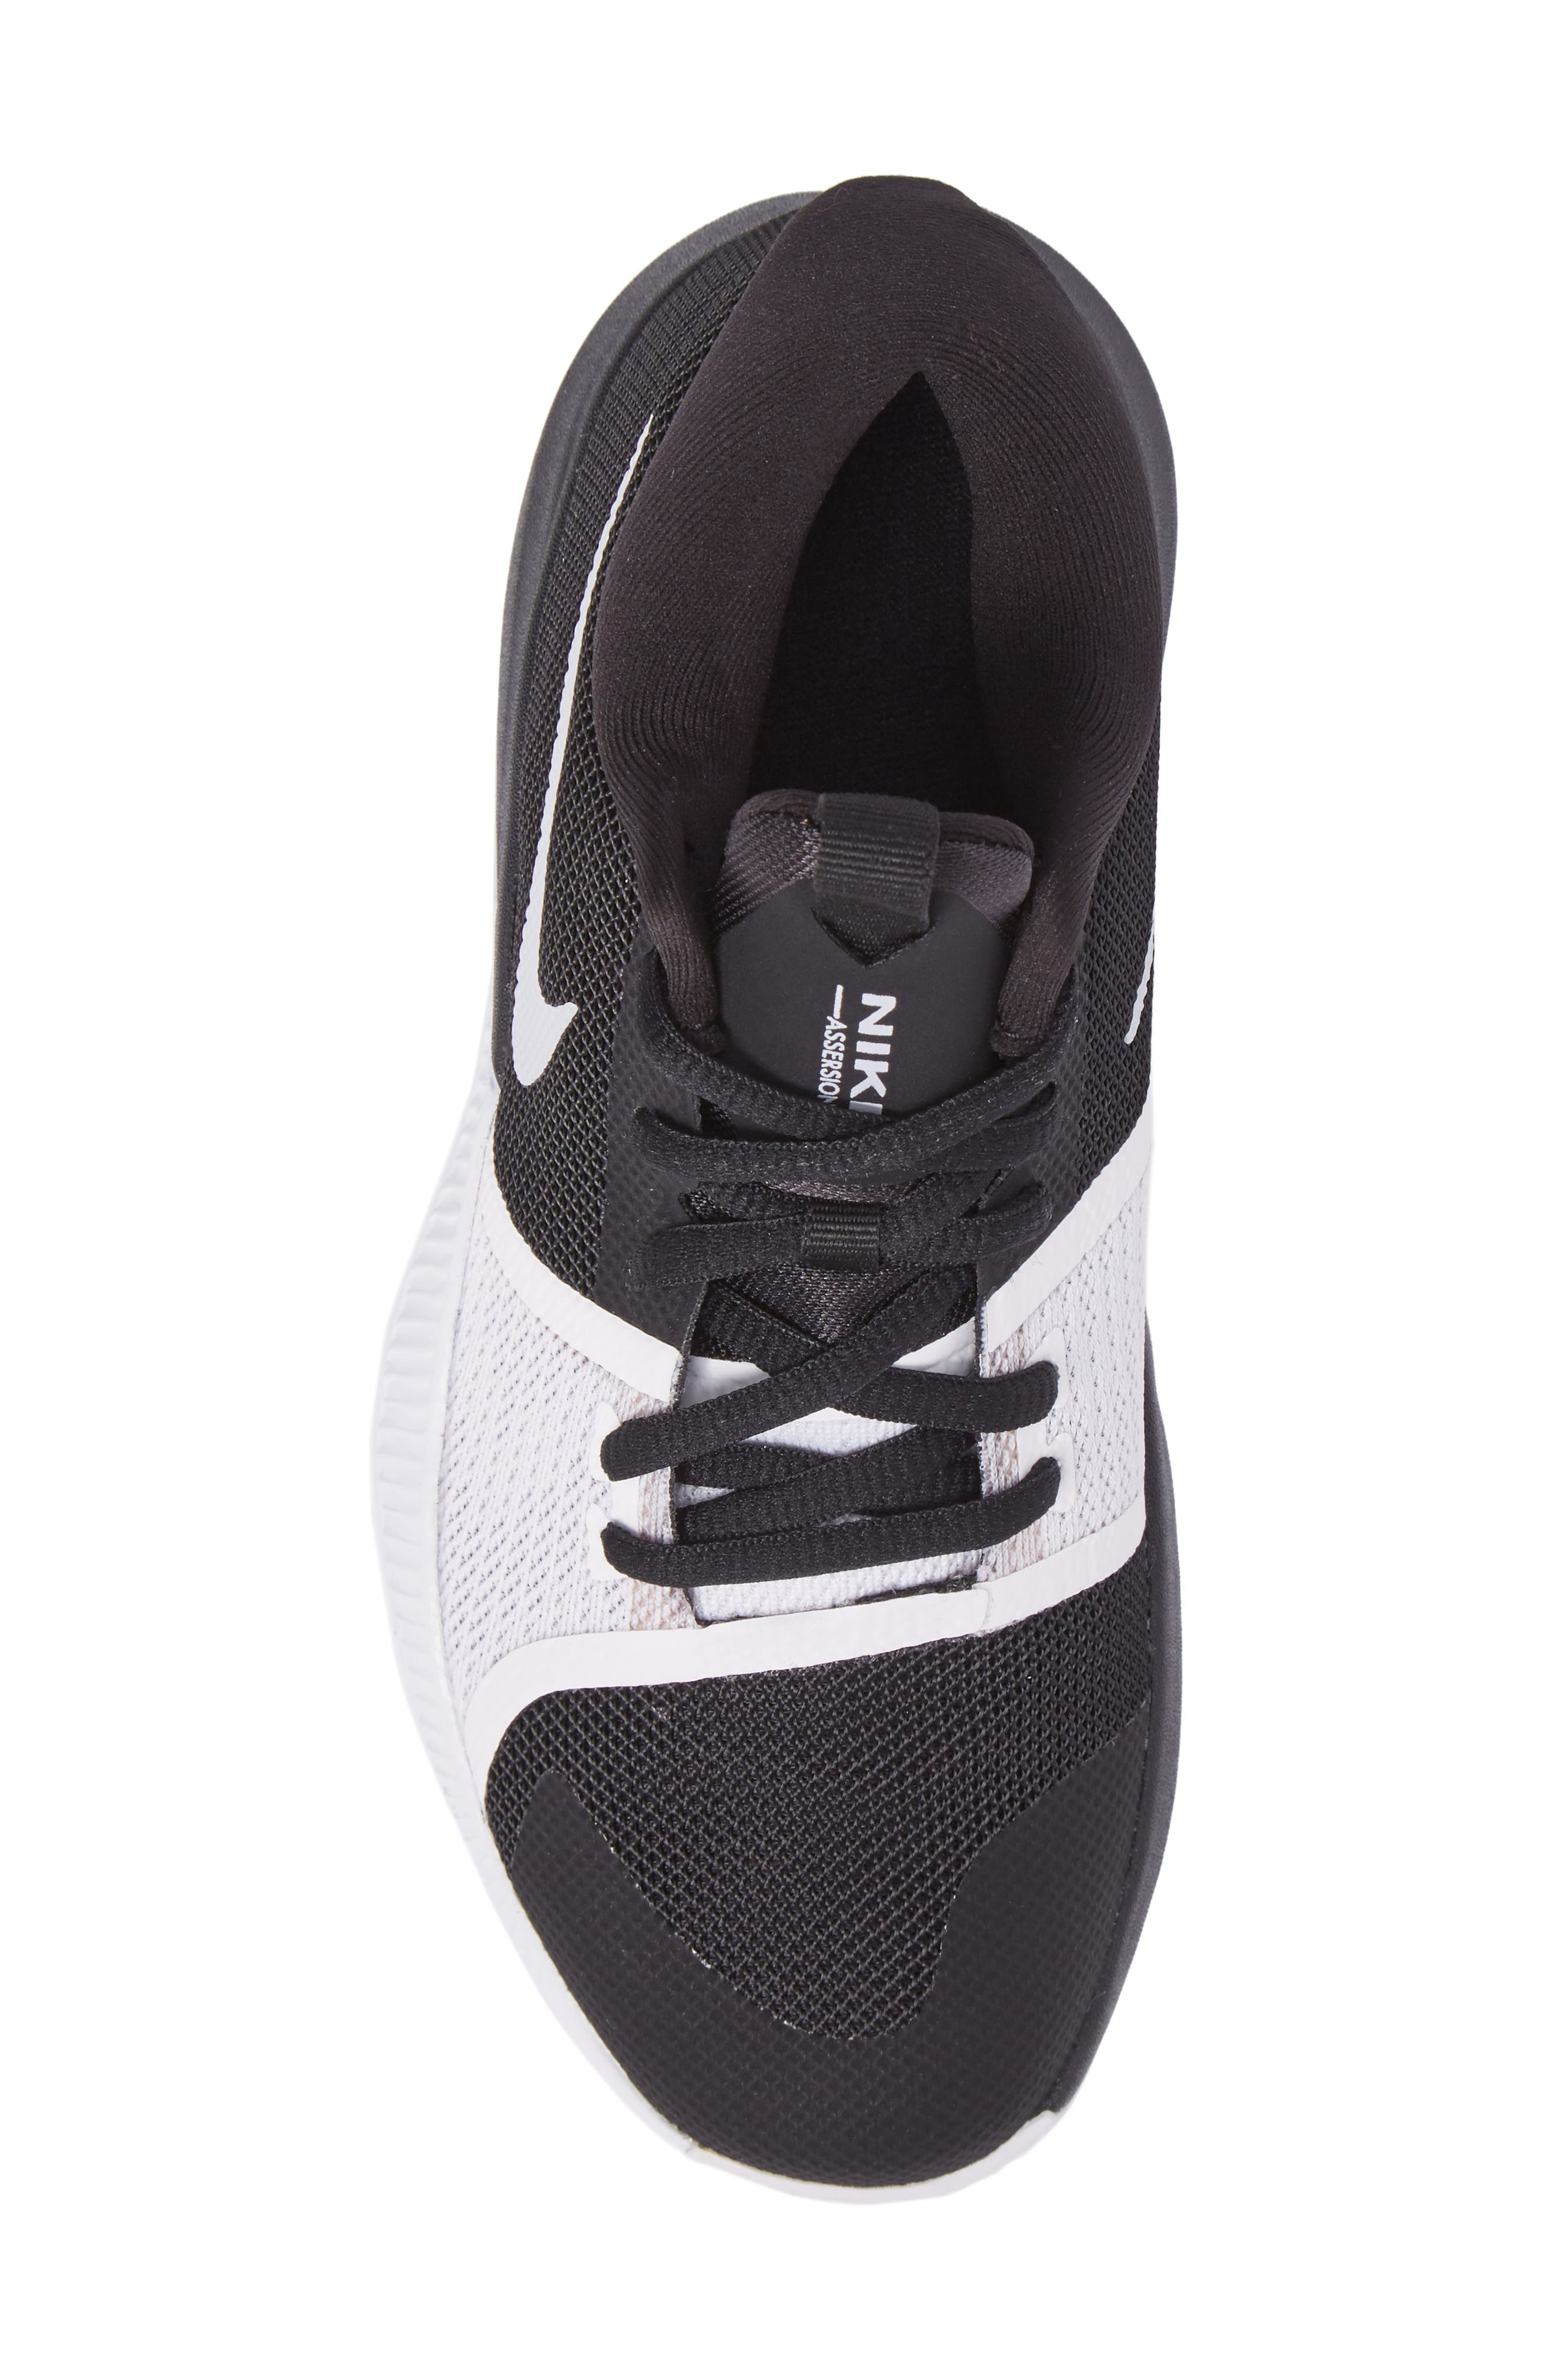 Assersion Sneaker,                             Alternate thumbnail 5, color,                             Black/ White